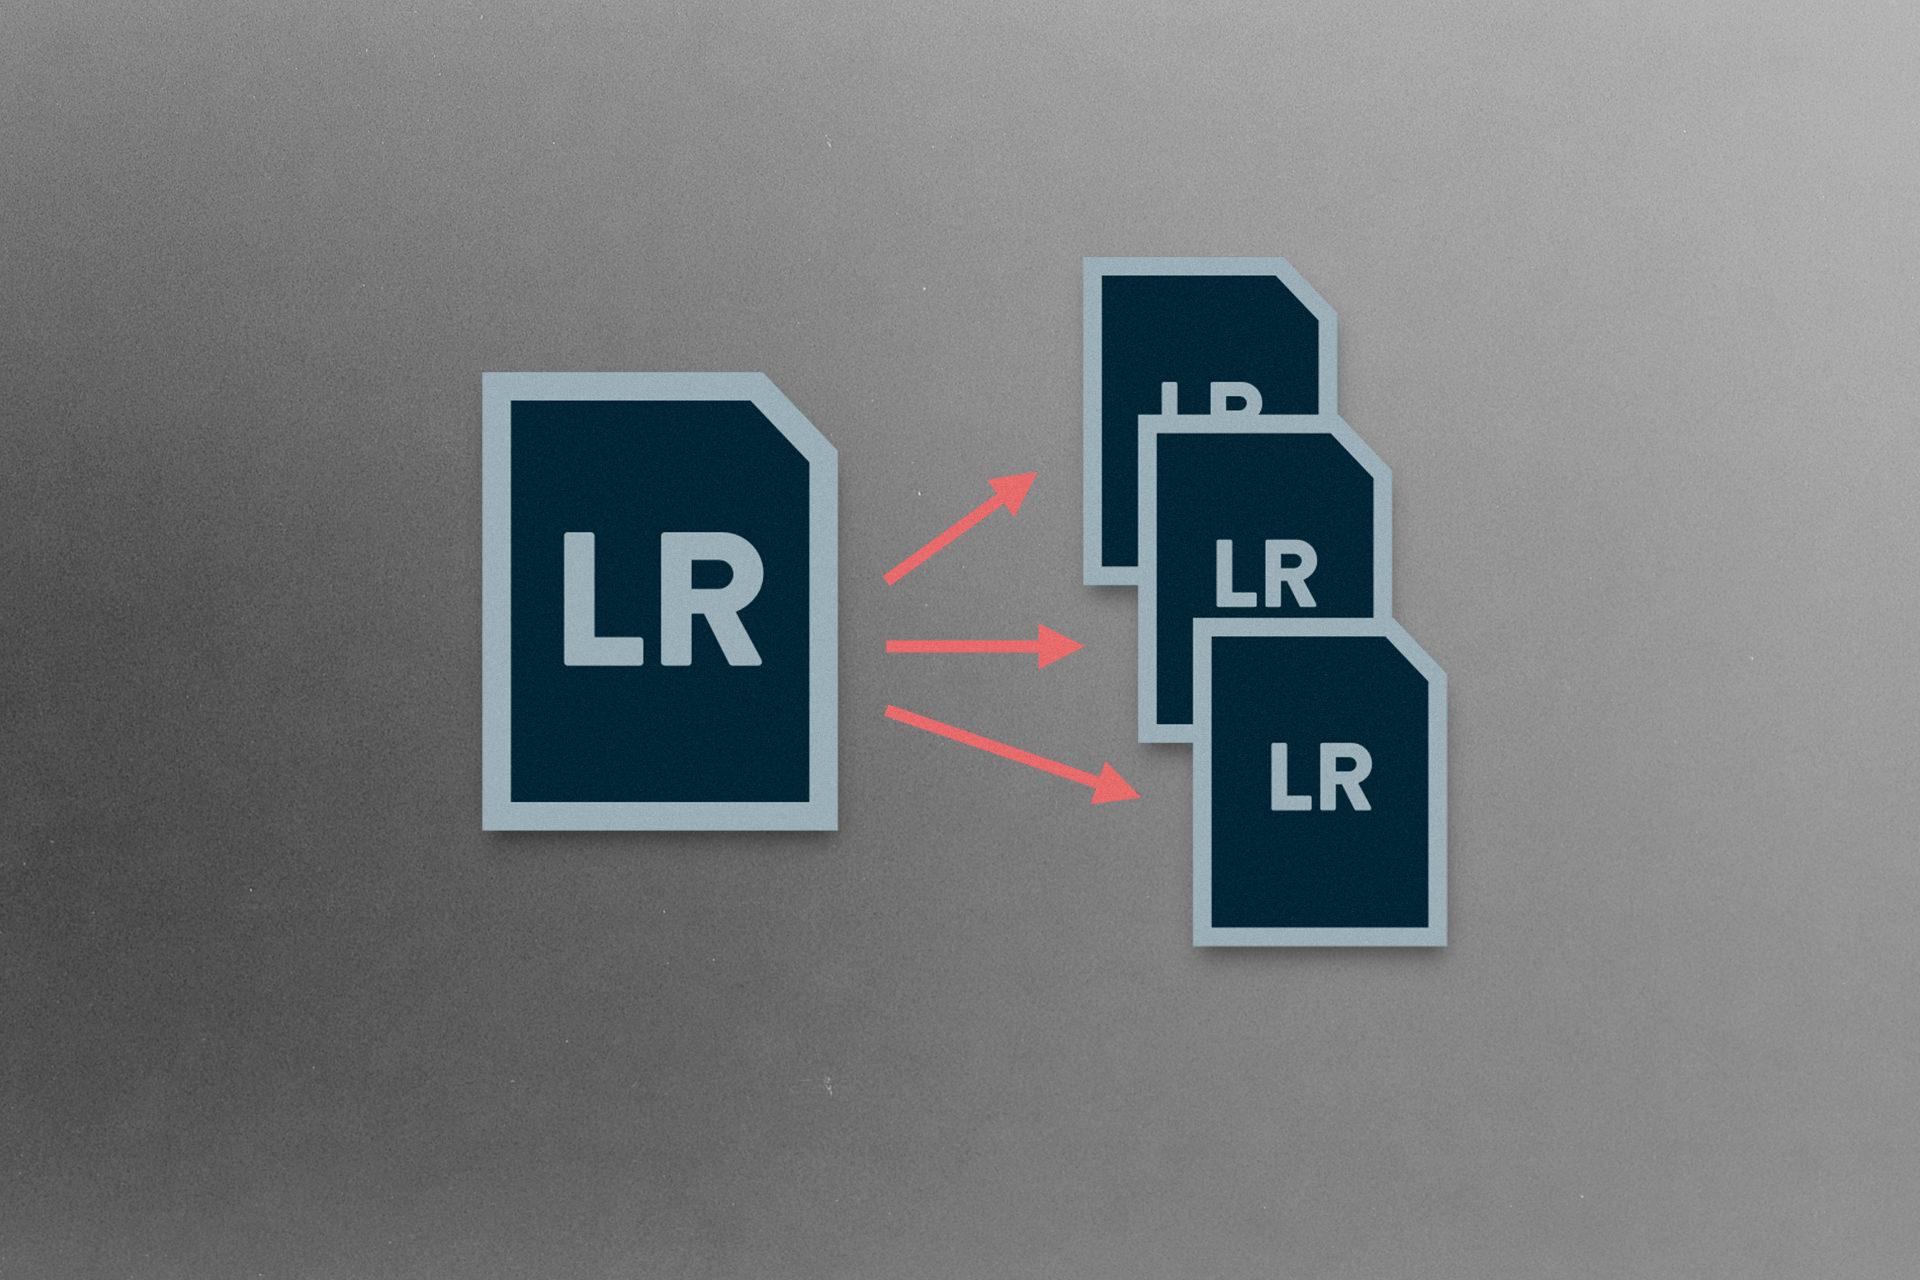 Ordner oder Sammlung als Lightroom-Katalog exportieren - Eine Anleitung